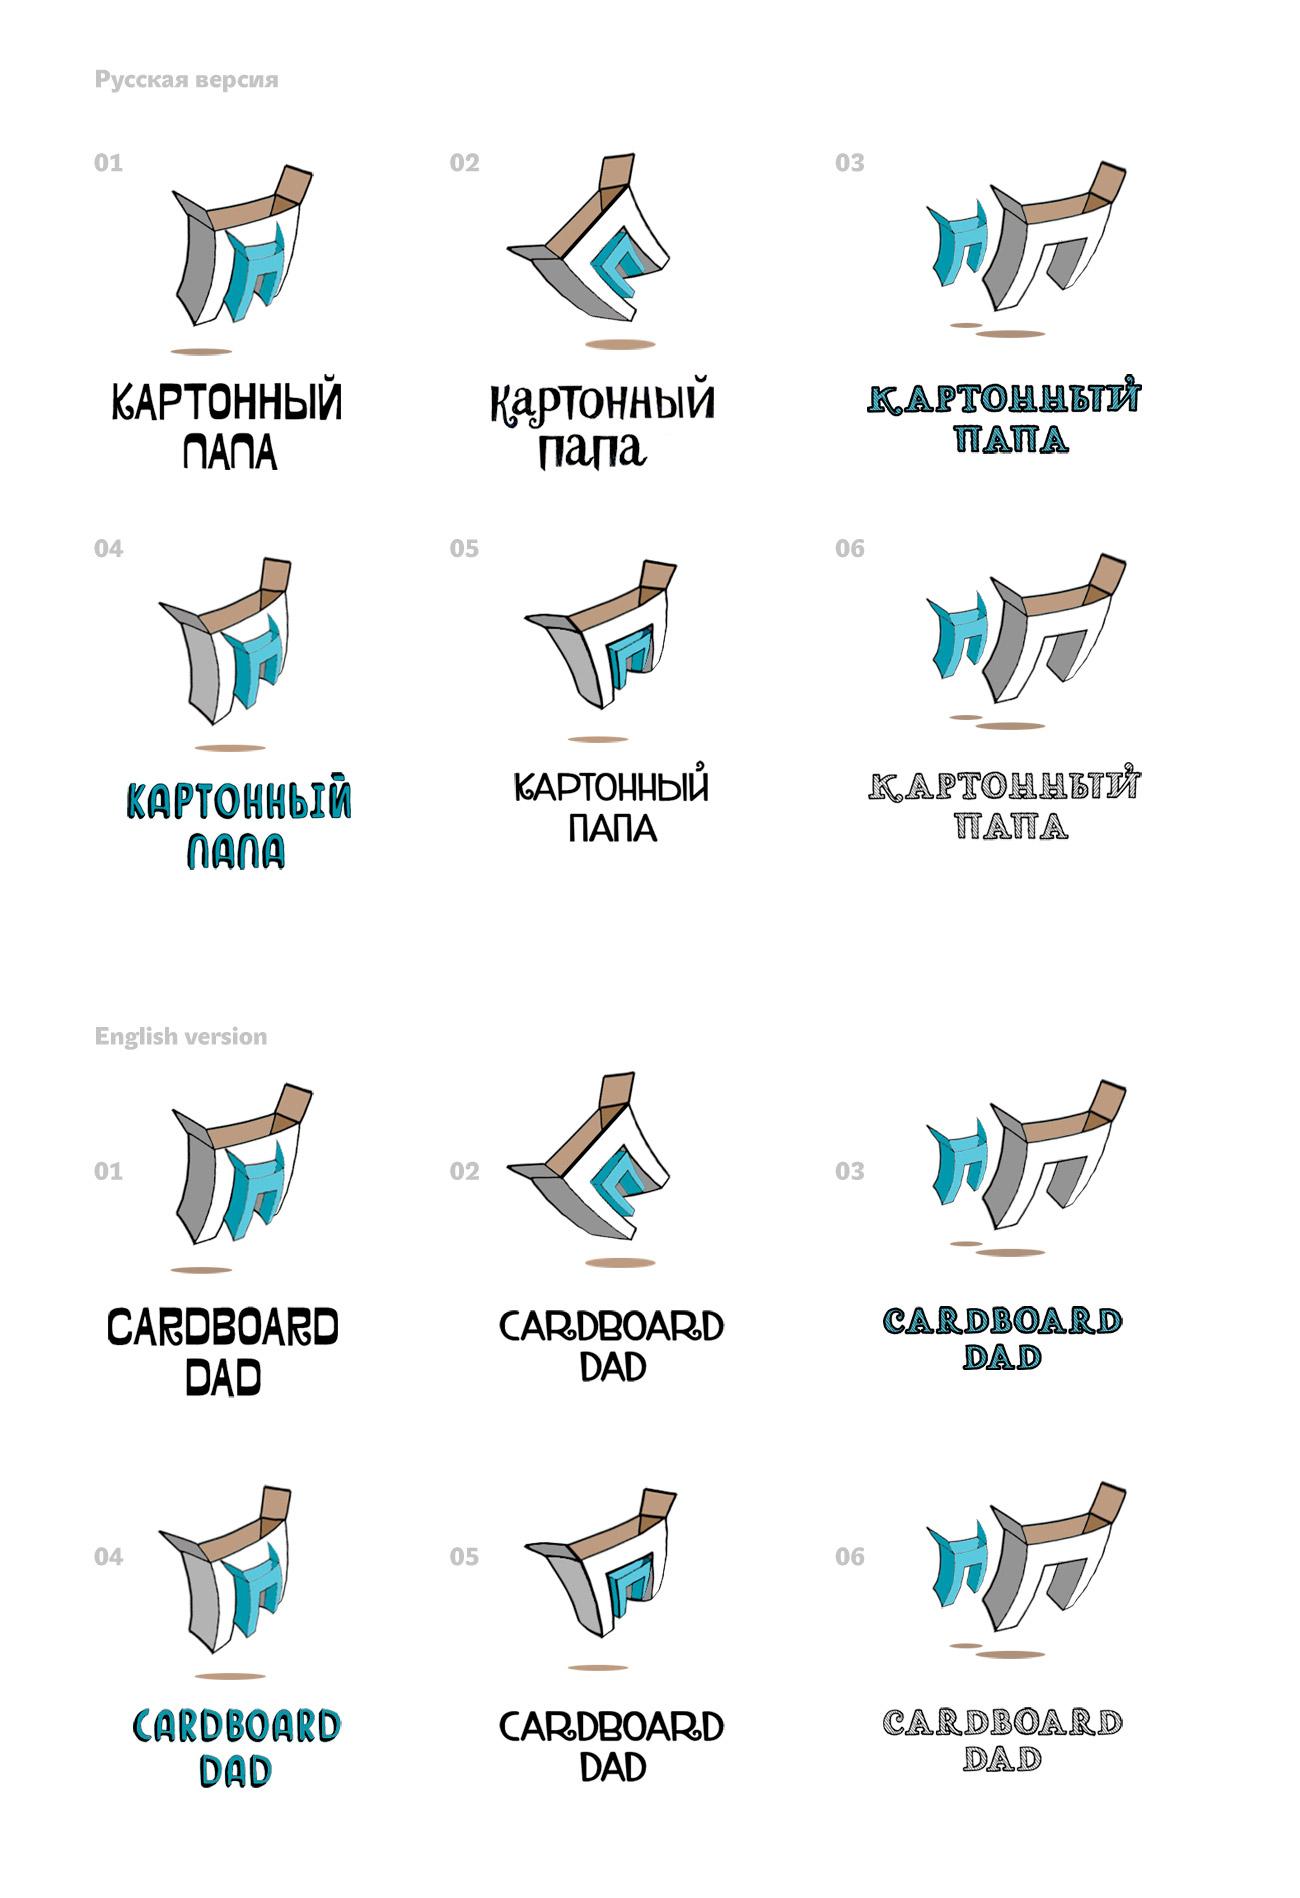 variant_na_utv